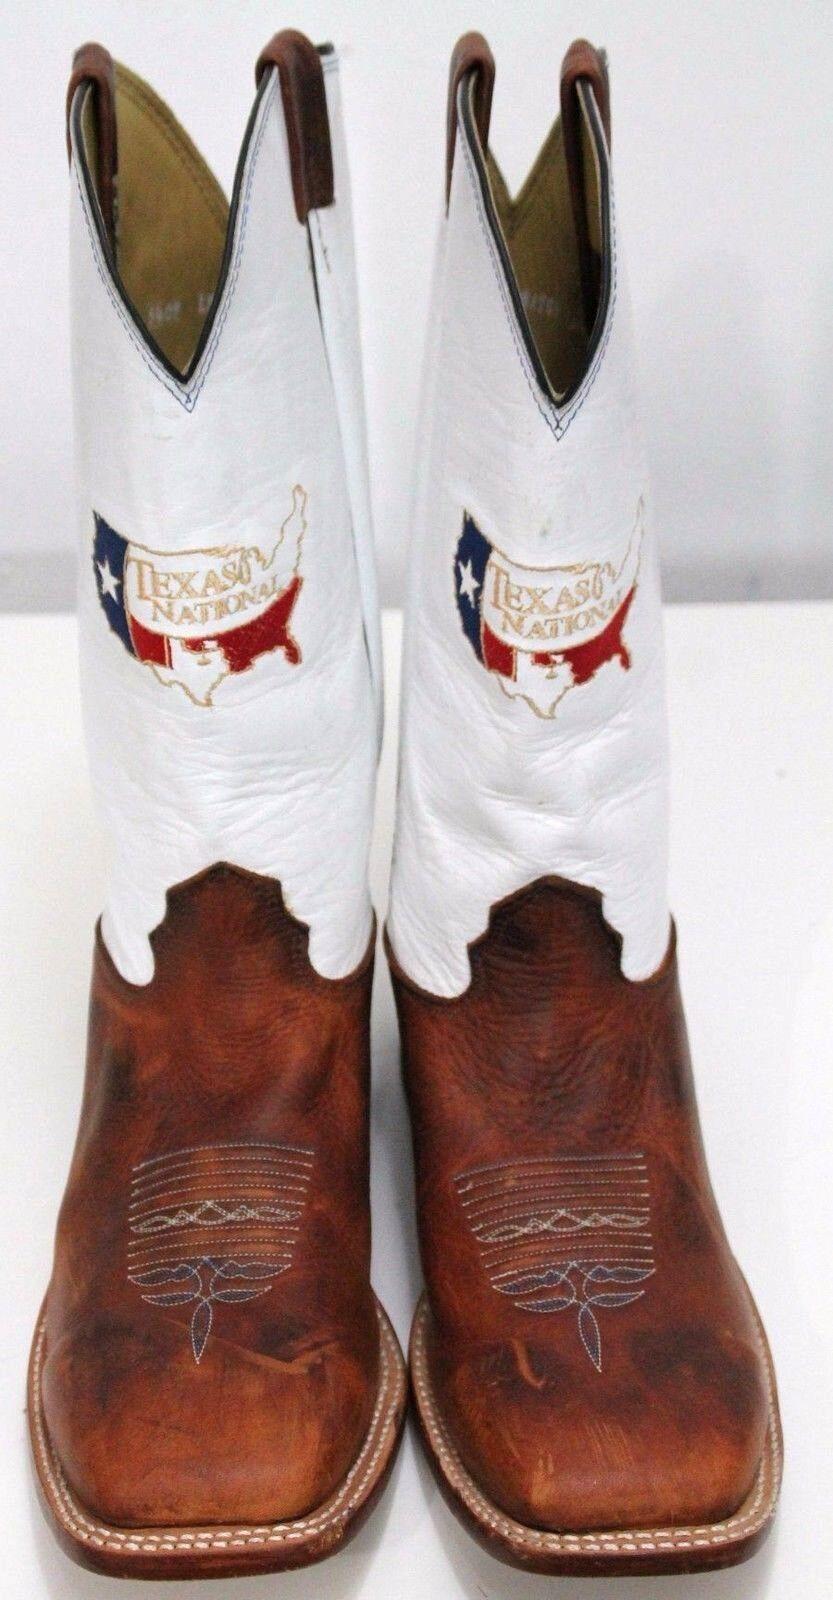 Larry Mahan Texas Nacional Para Hombre botas De Vaquero xe amplia Bordado Marrón